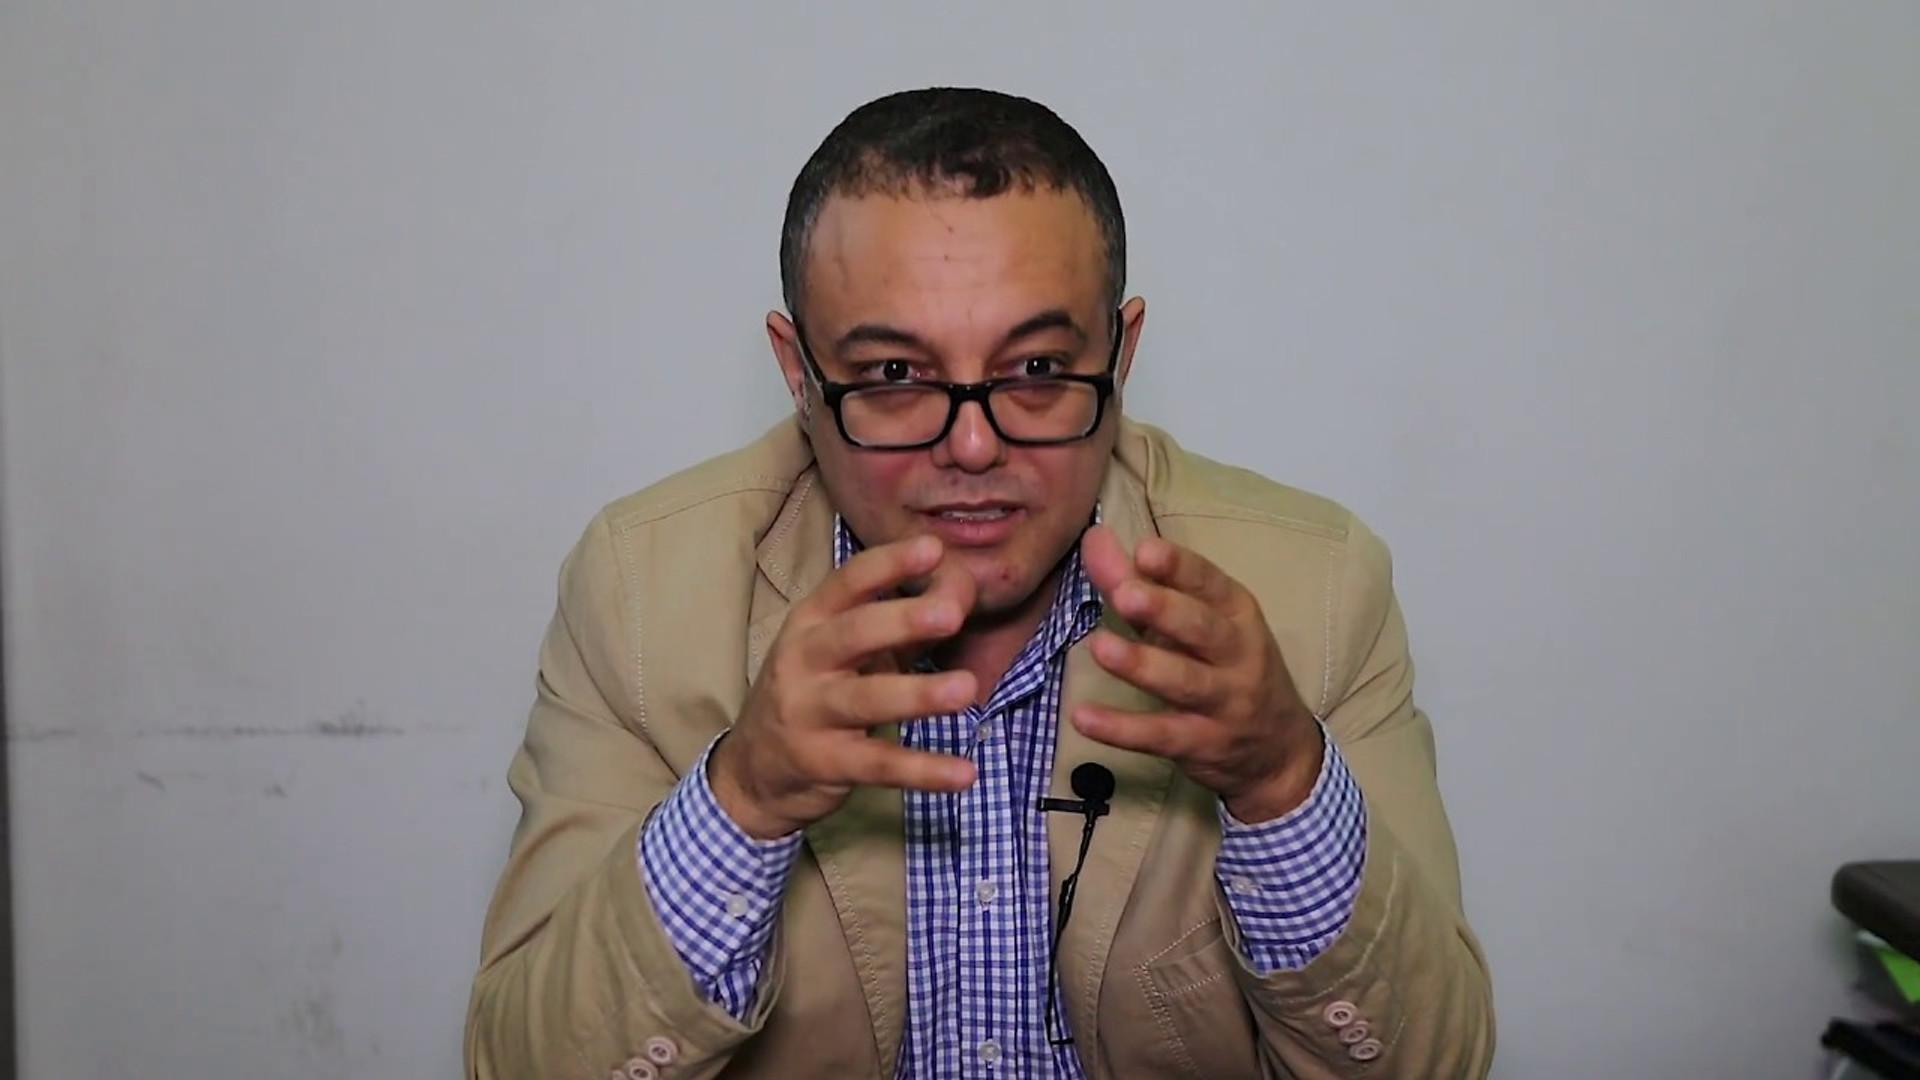 Forfatter Atef Abu Saif